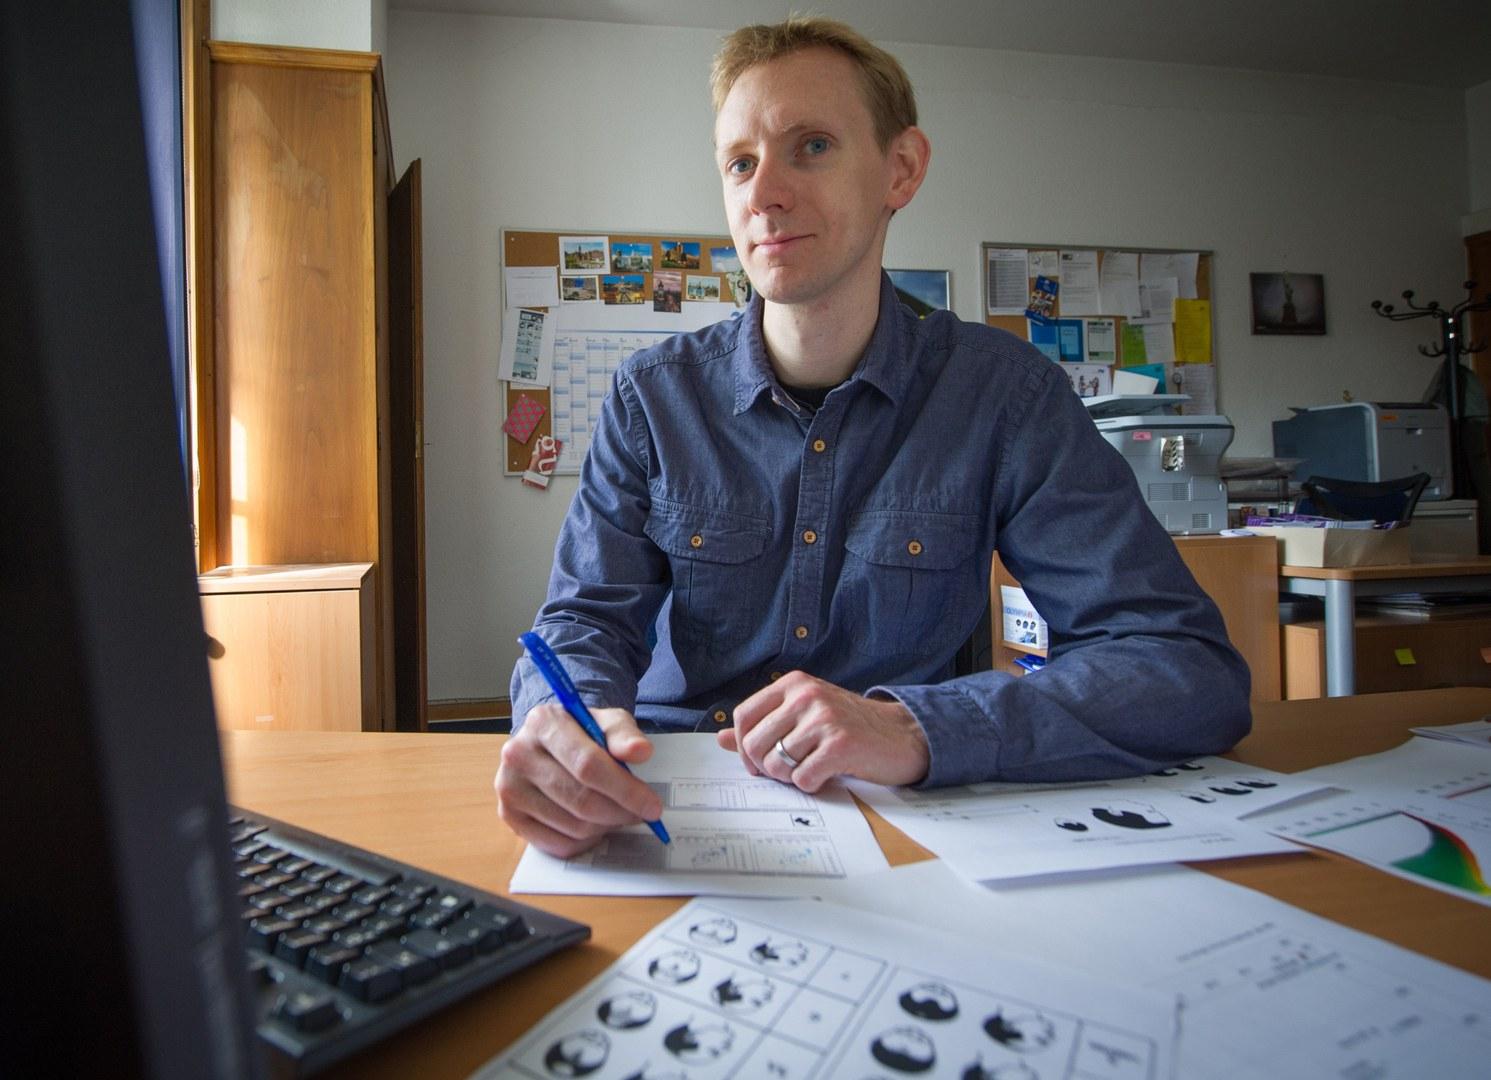 Pawel Sickinger mit Animationen der Glatzenbildung am Computer: